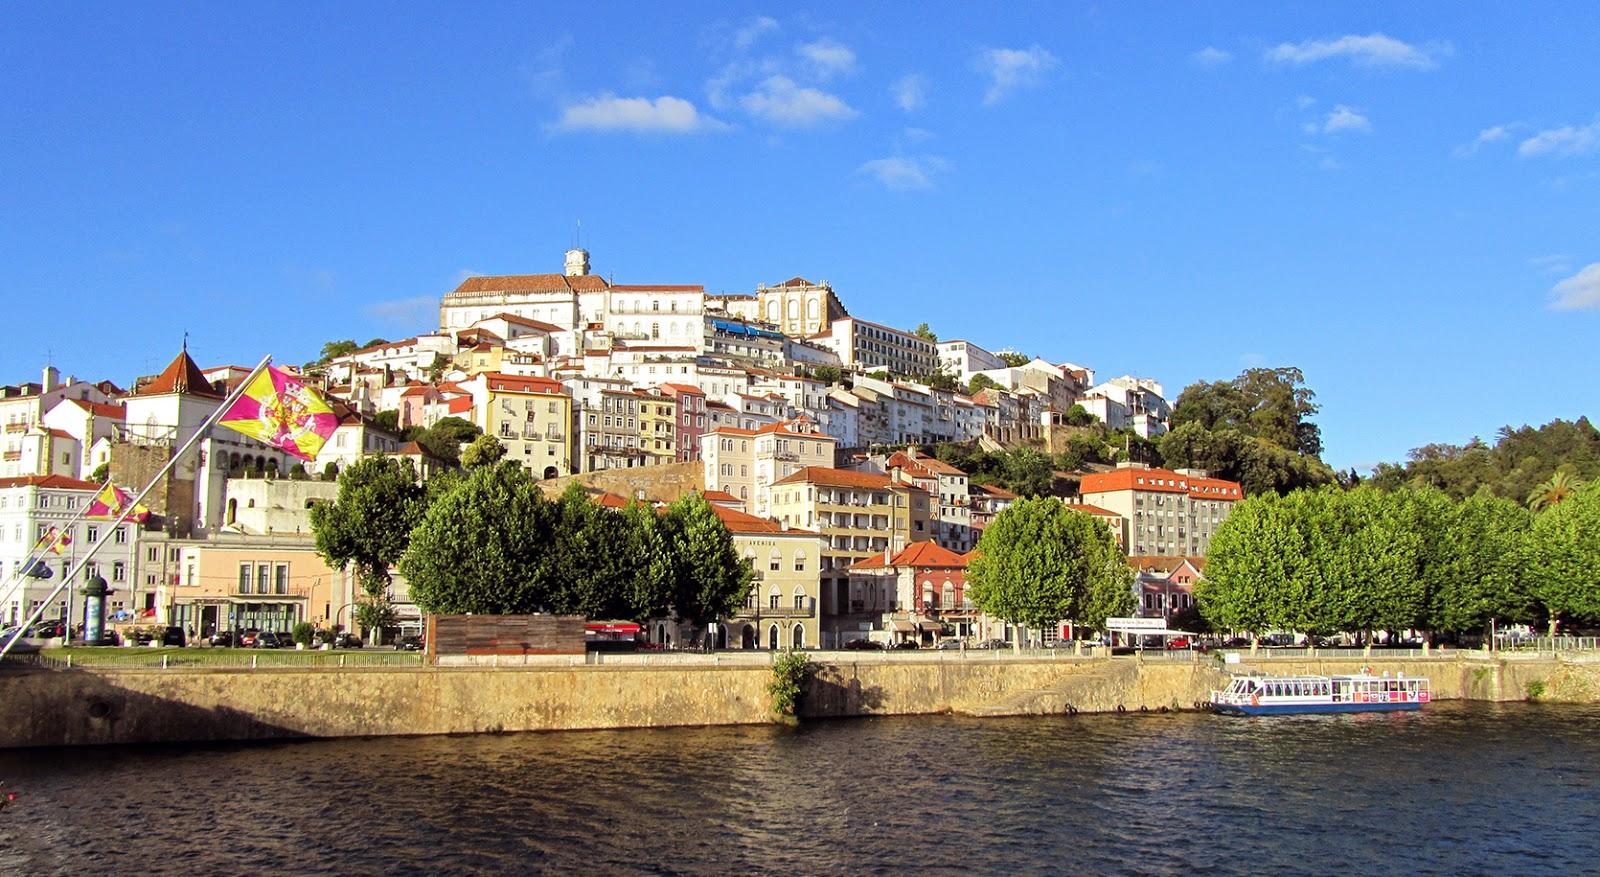 Ciudad de Coimbra_ameiseblog